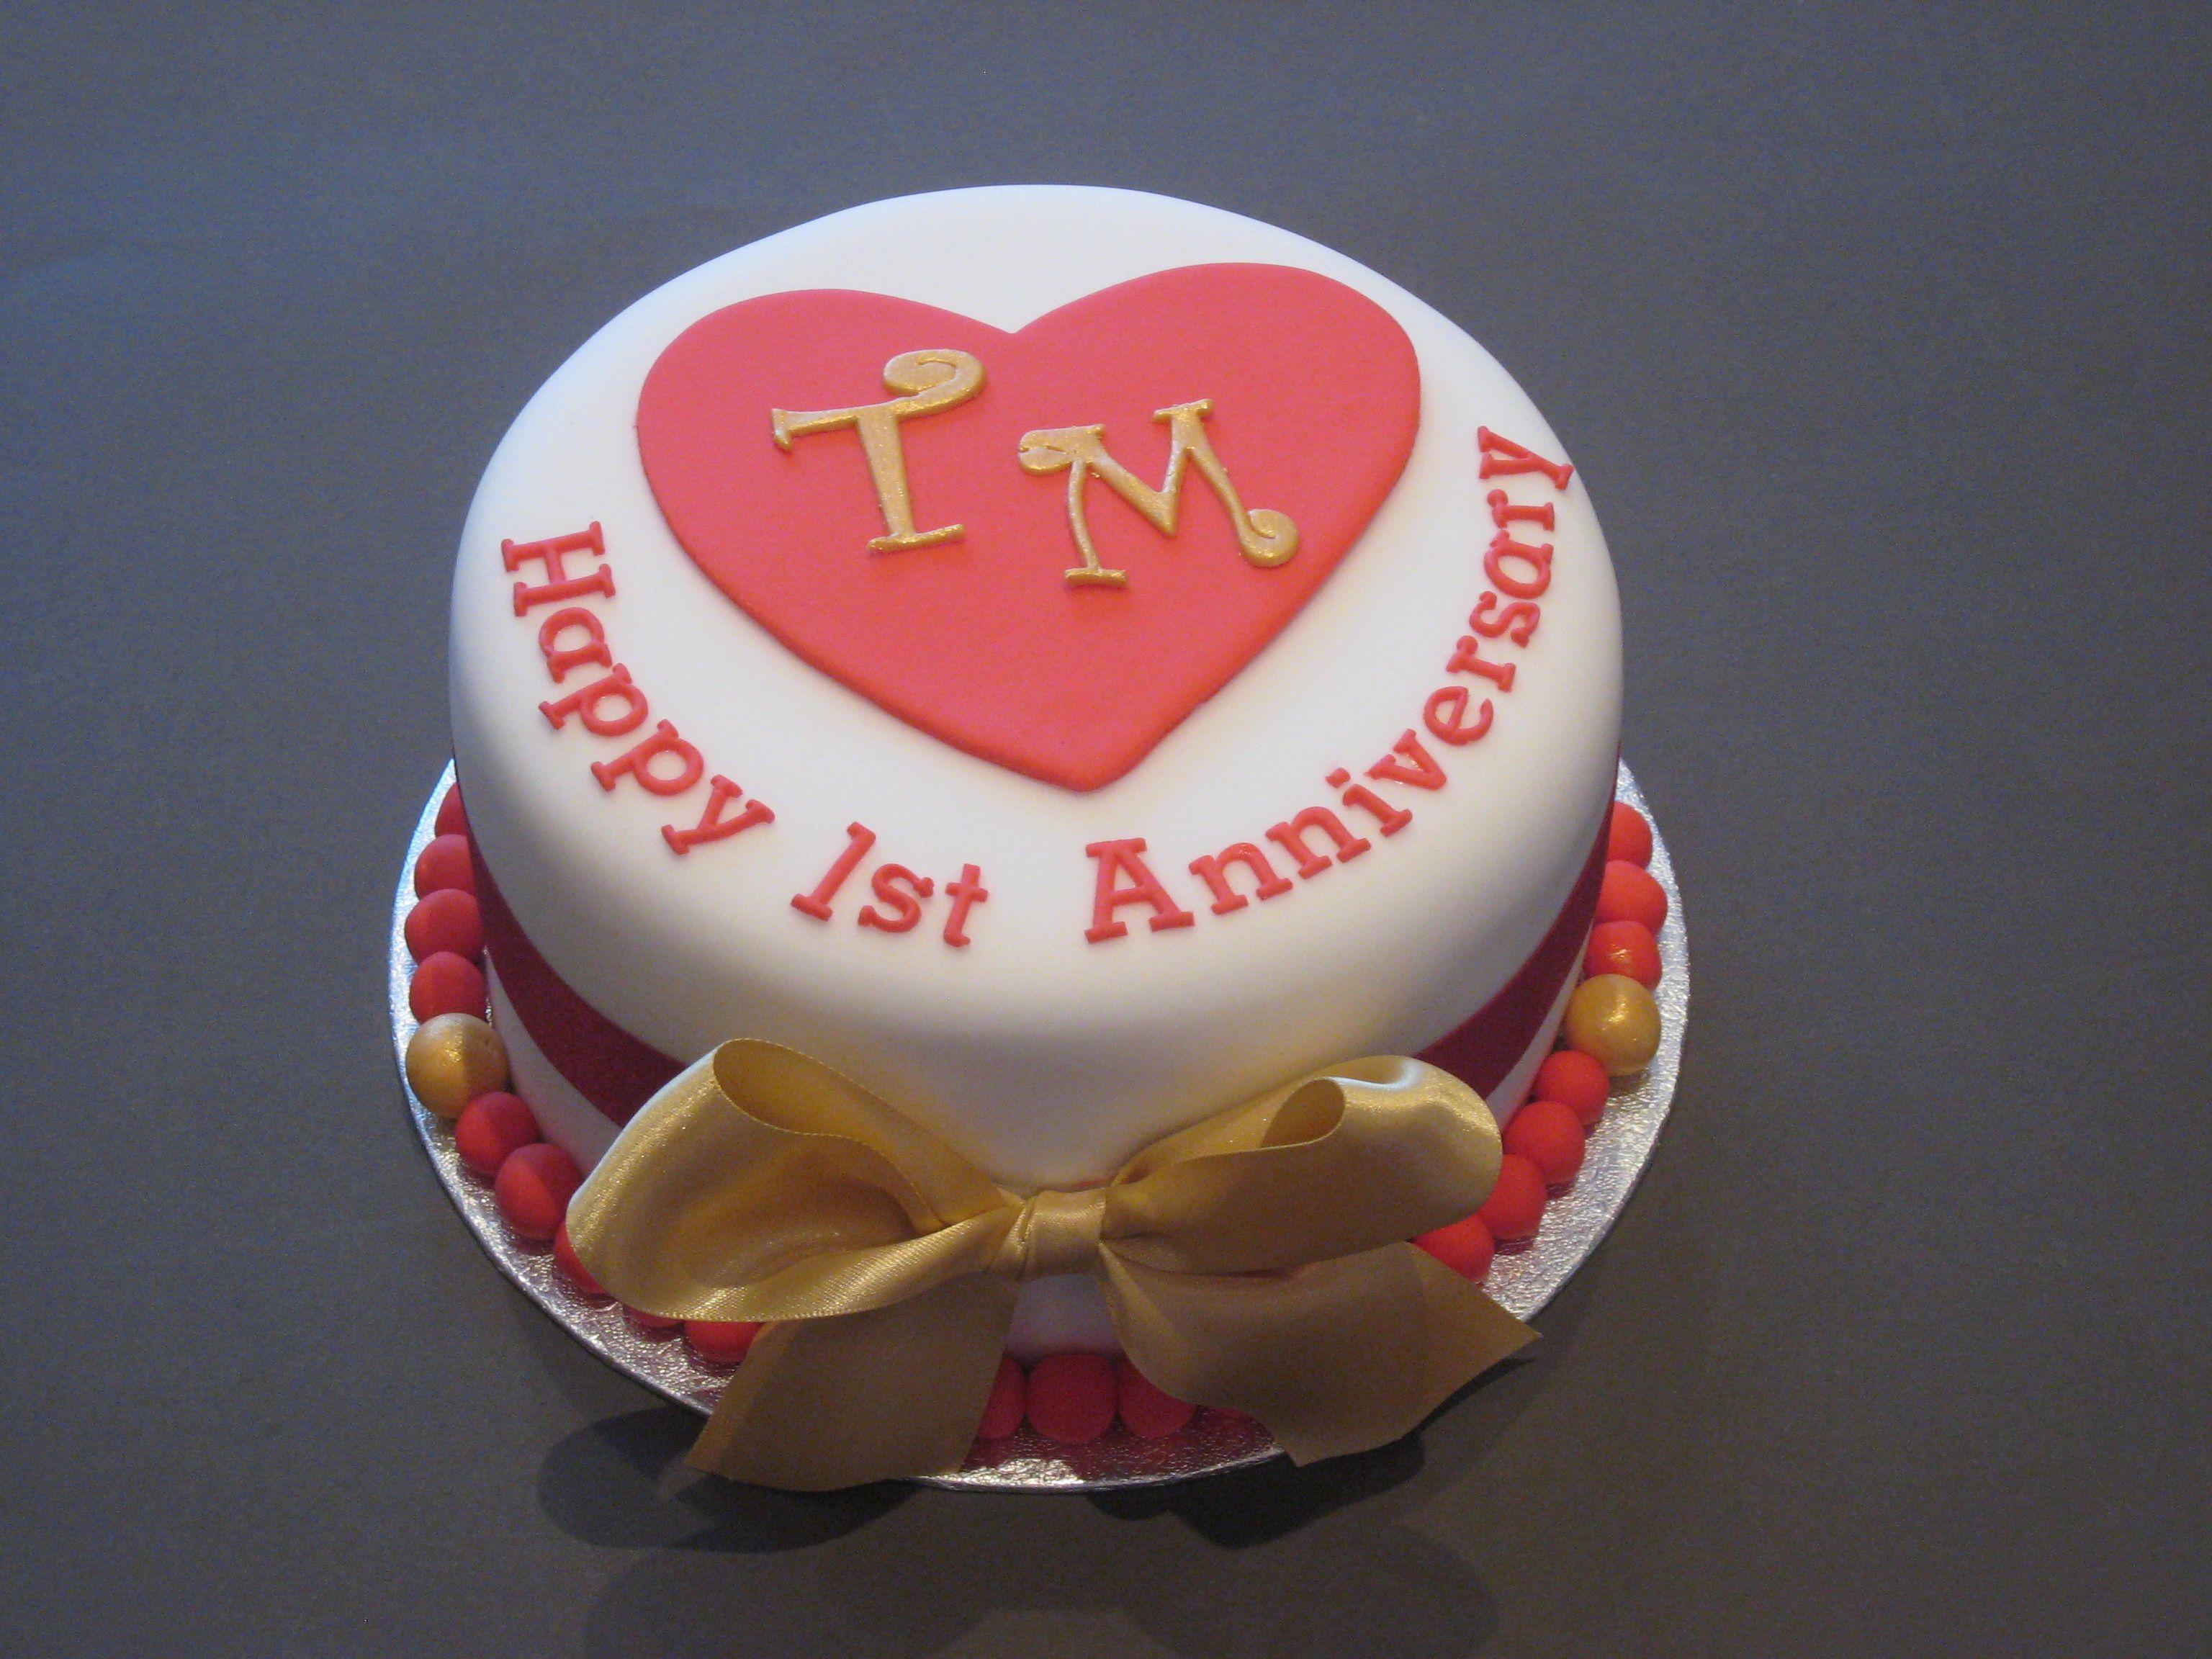 Design Of Cake For Anniversary : 1st Anniversary Cake - http://drfriedlanderdvm.com/1st ...